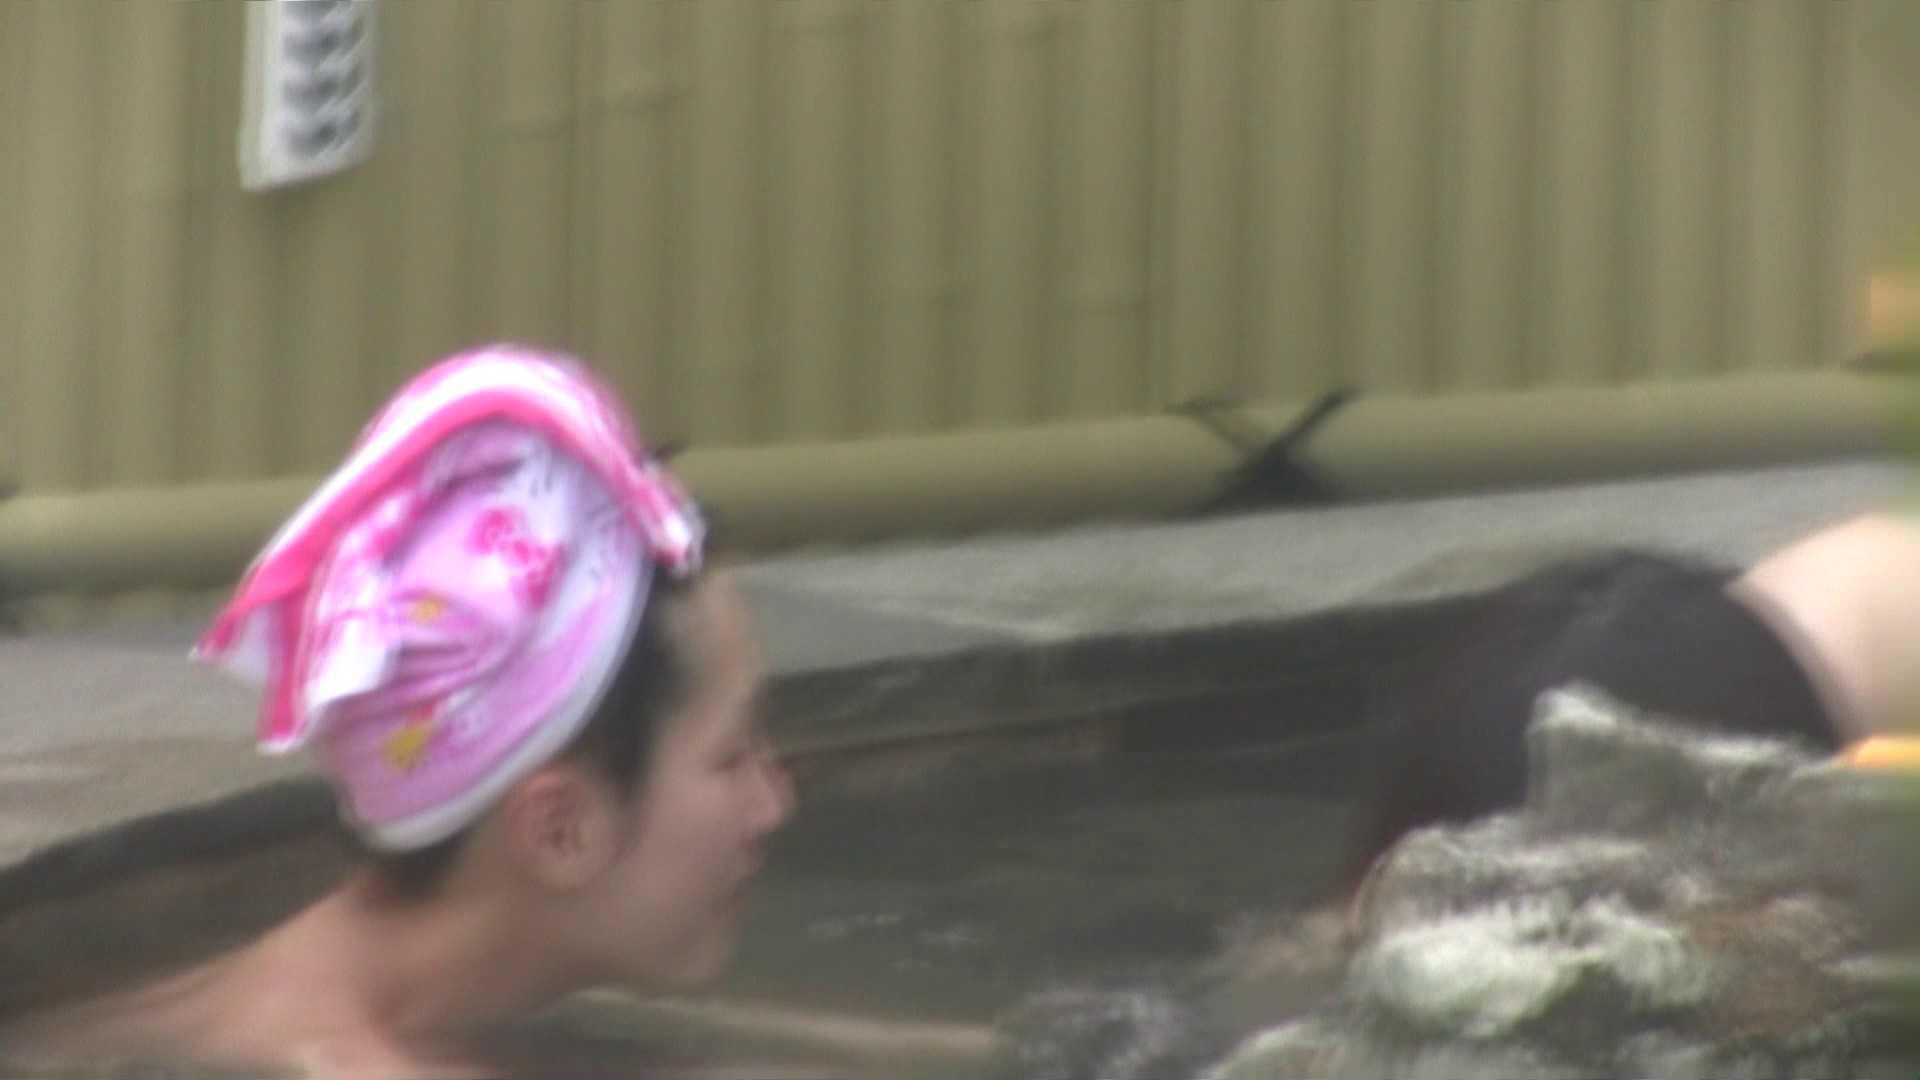 Aquaな露天風呂Vol.51【VIP限定】 盗撮 | 露天  56画像 4